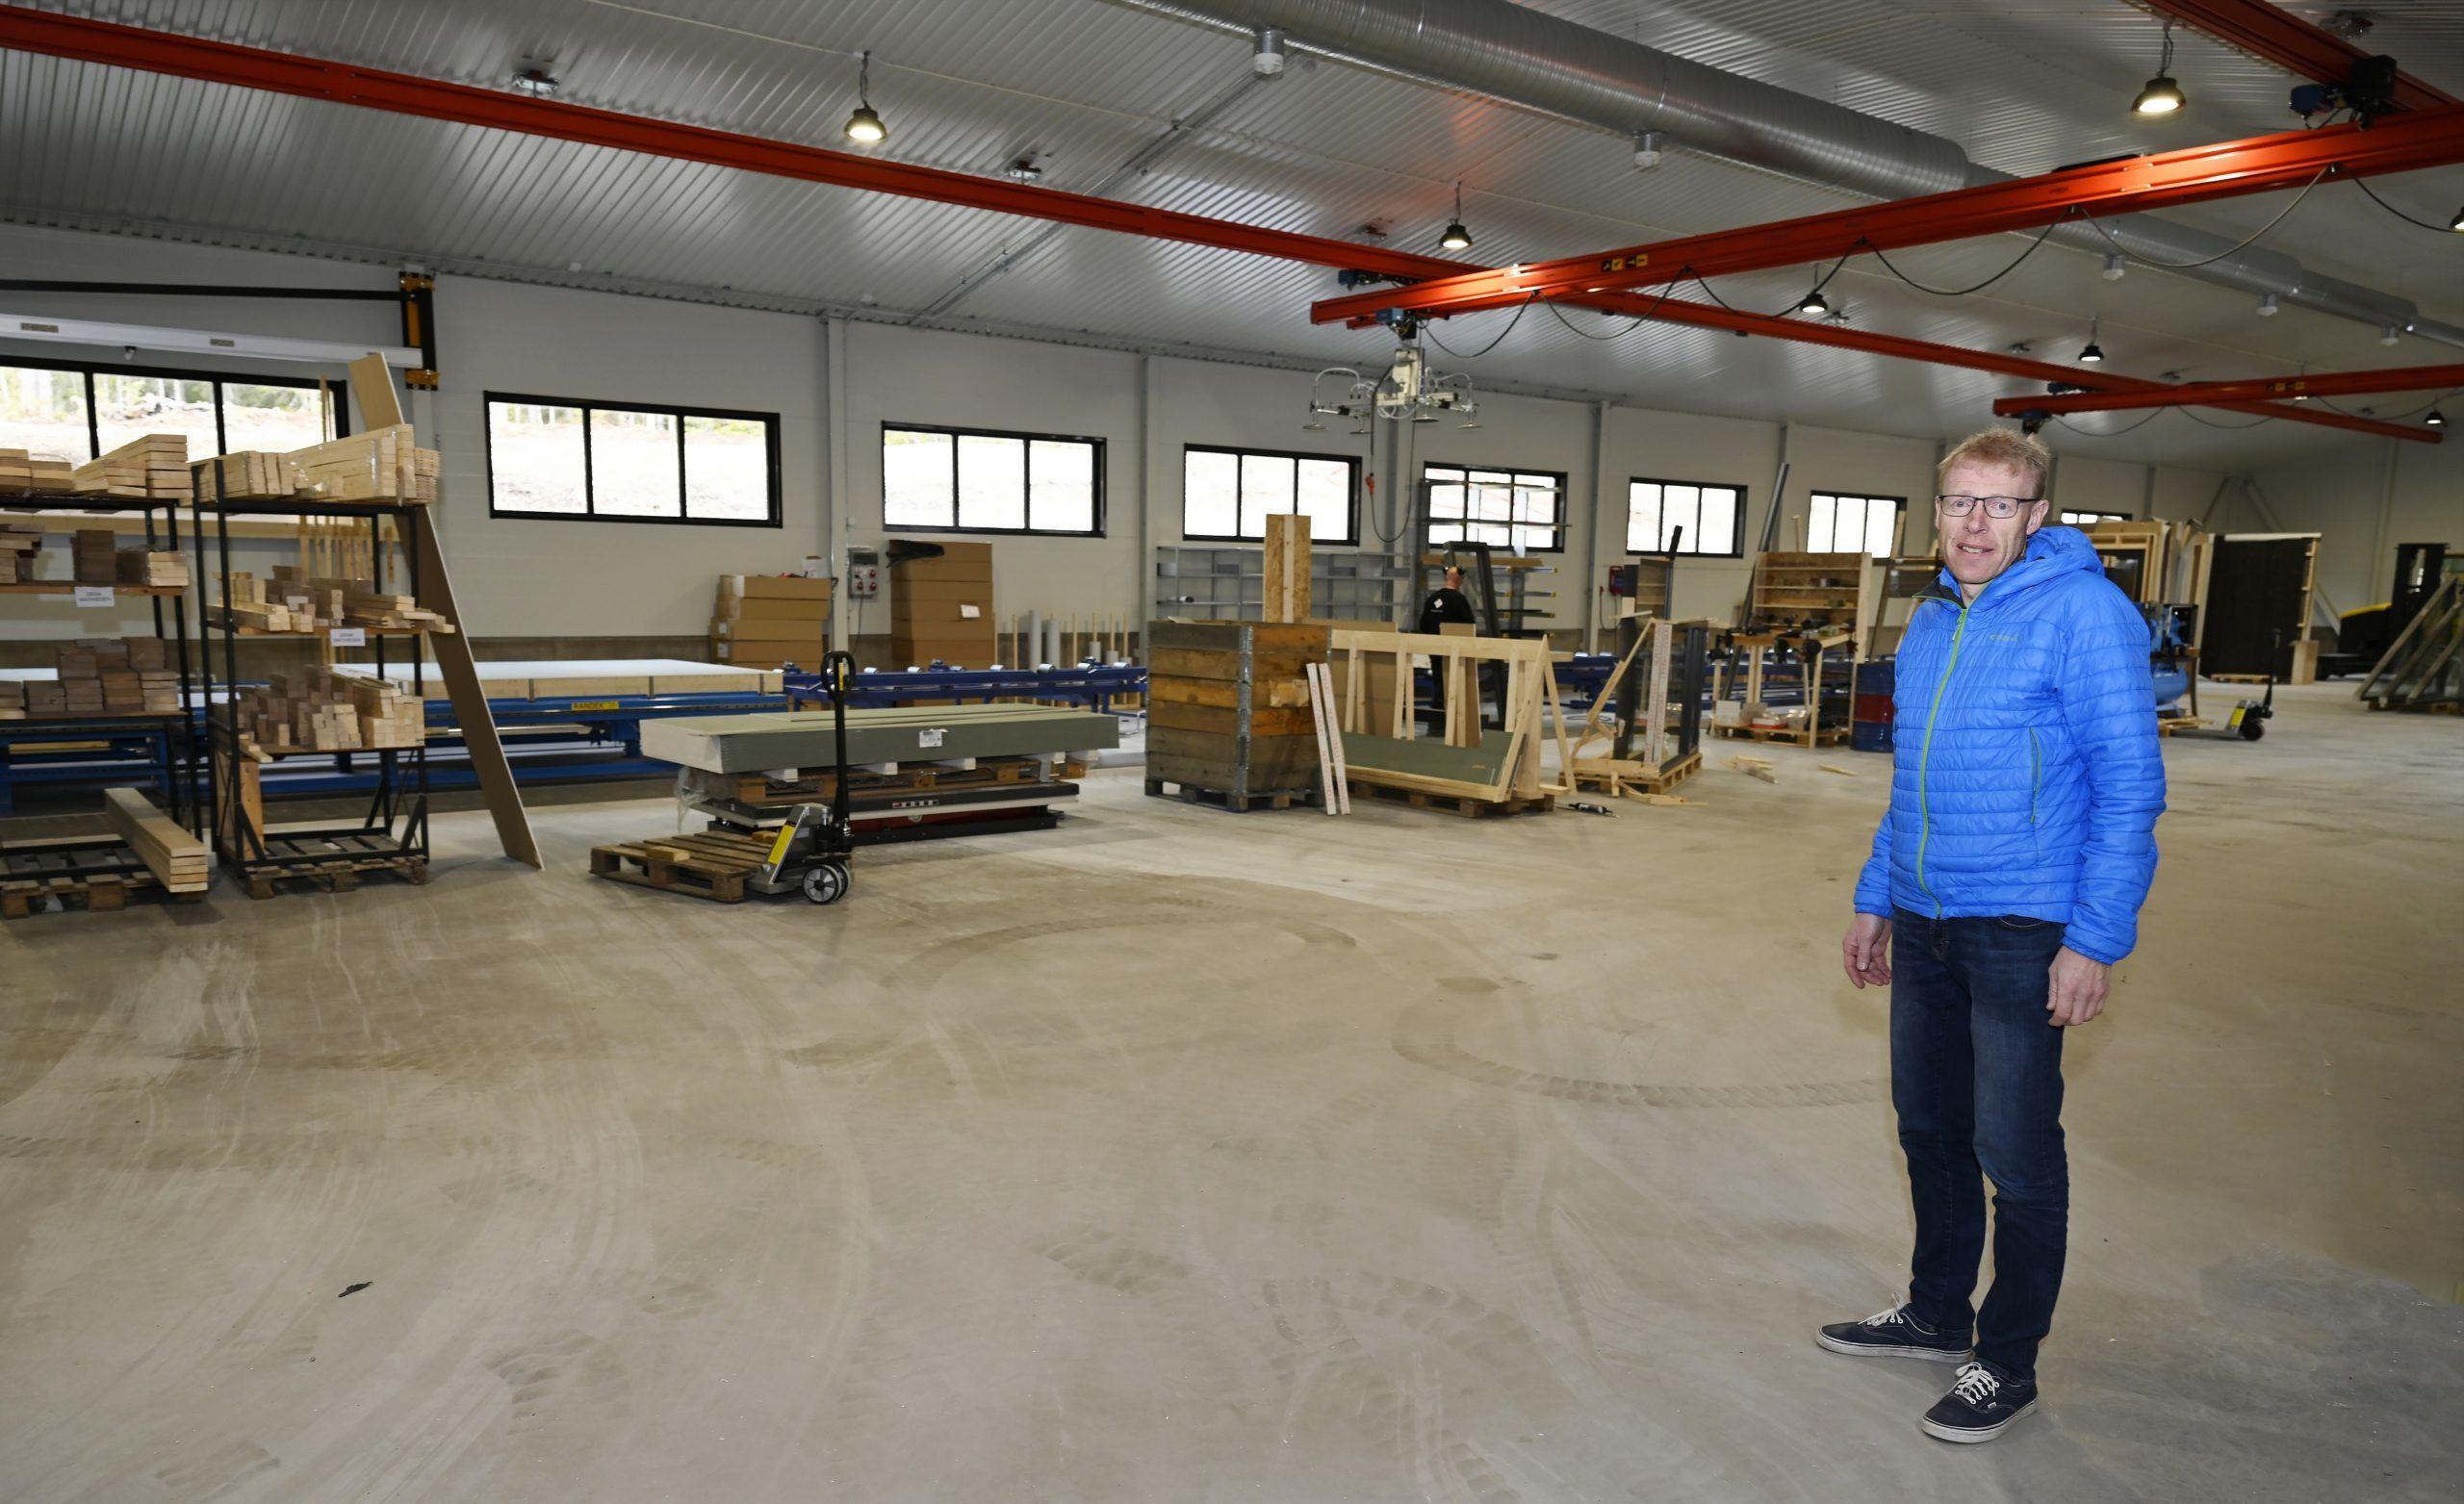 Magne Omsrud i ny produksjonshall. Foto: Arne G. Perlestenbakken